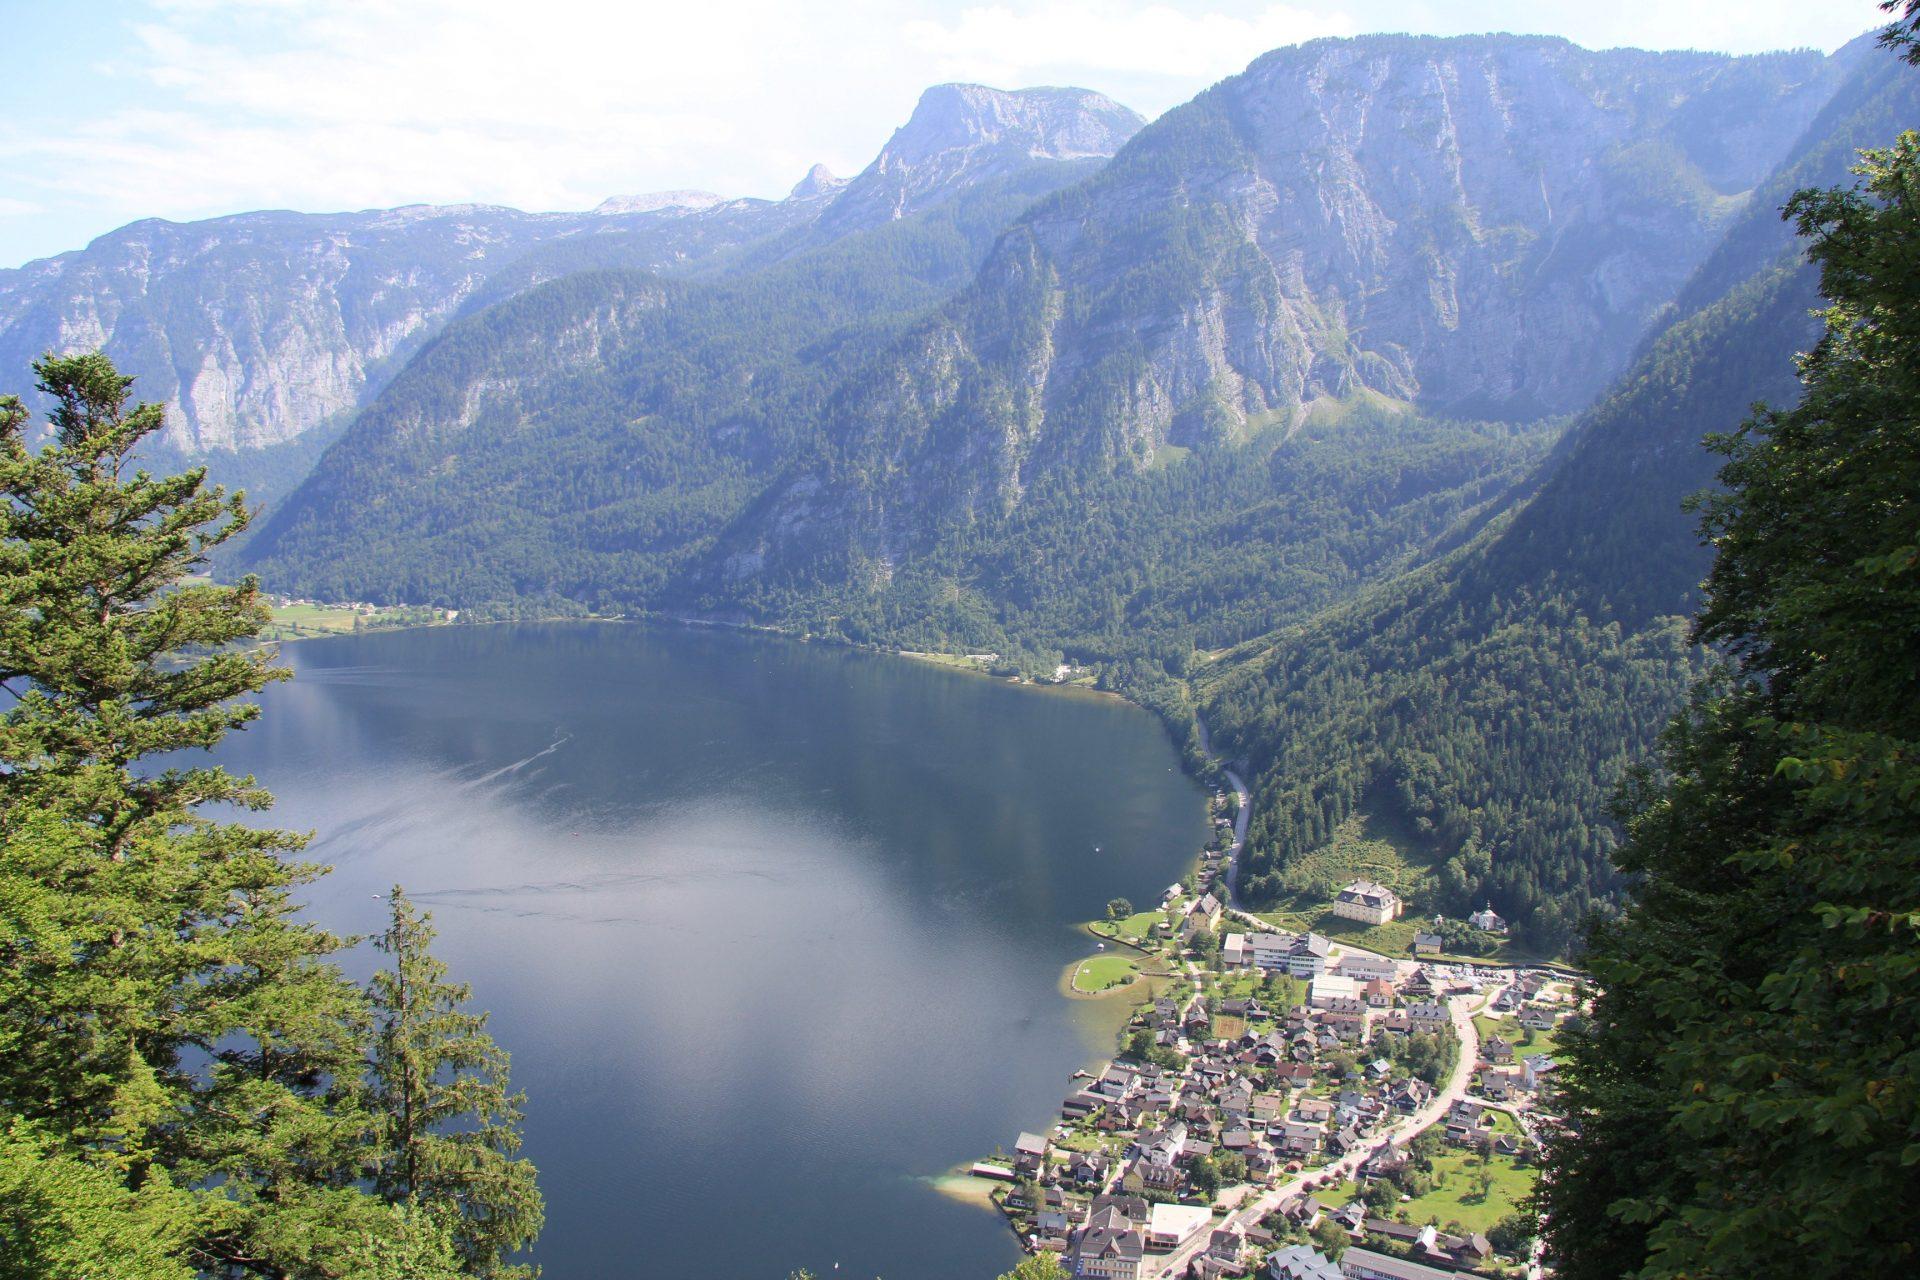 Озеро Хальштаттер Зее, Зальцкаммергут, Австрия, Август, 2017